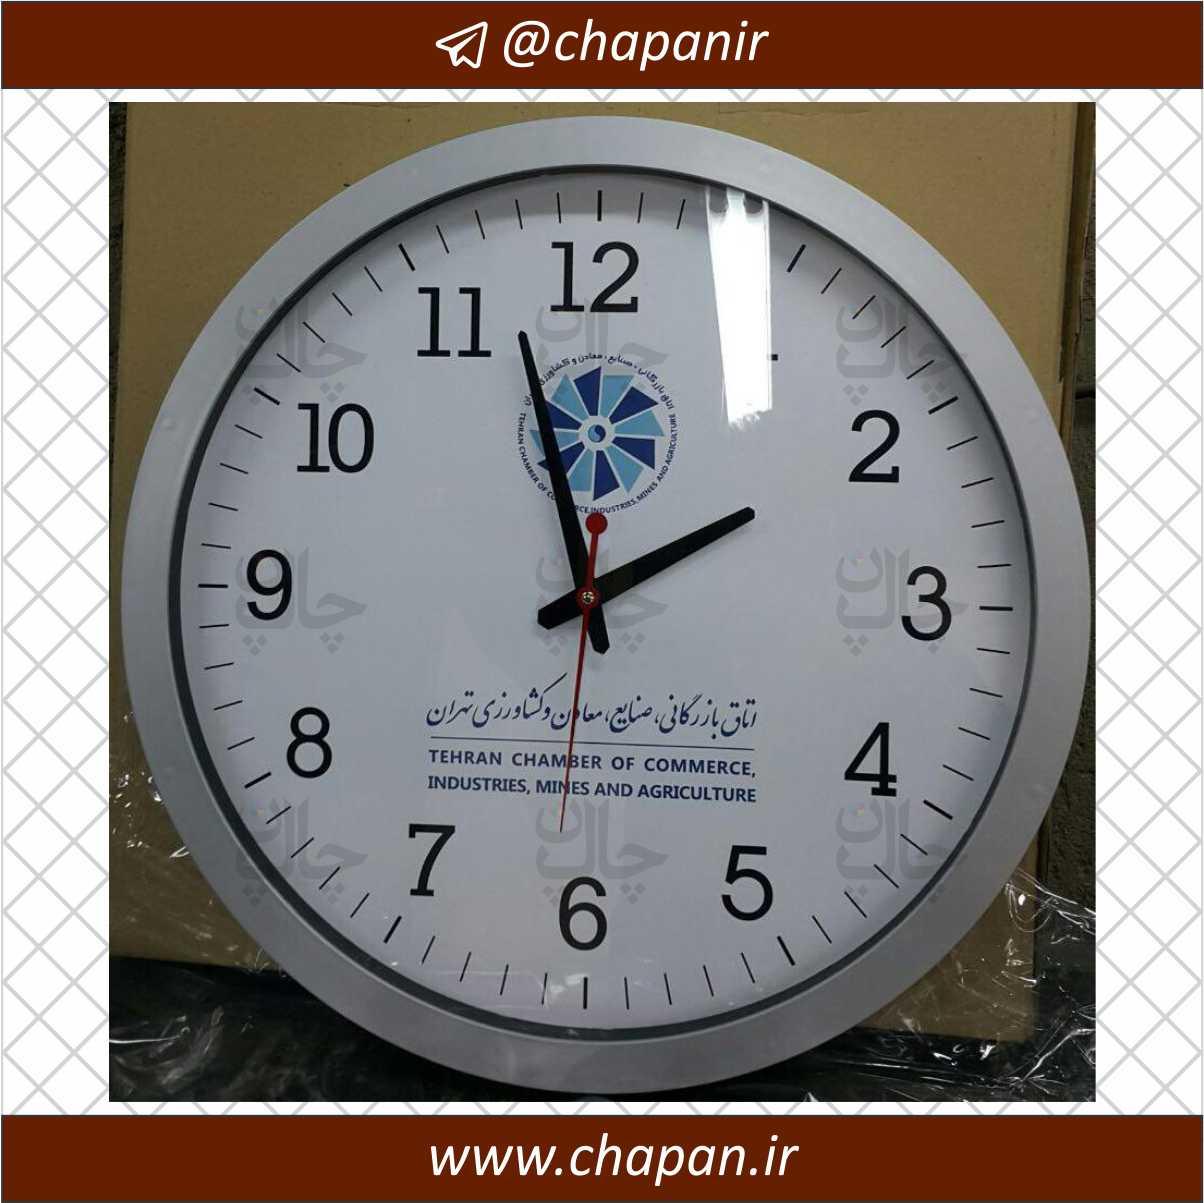 اتاق بازرگاني - ساعت دیواری قطر 50